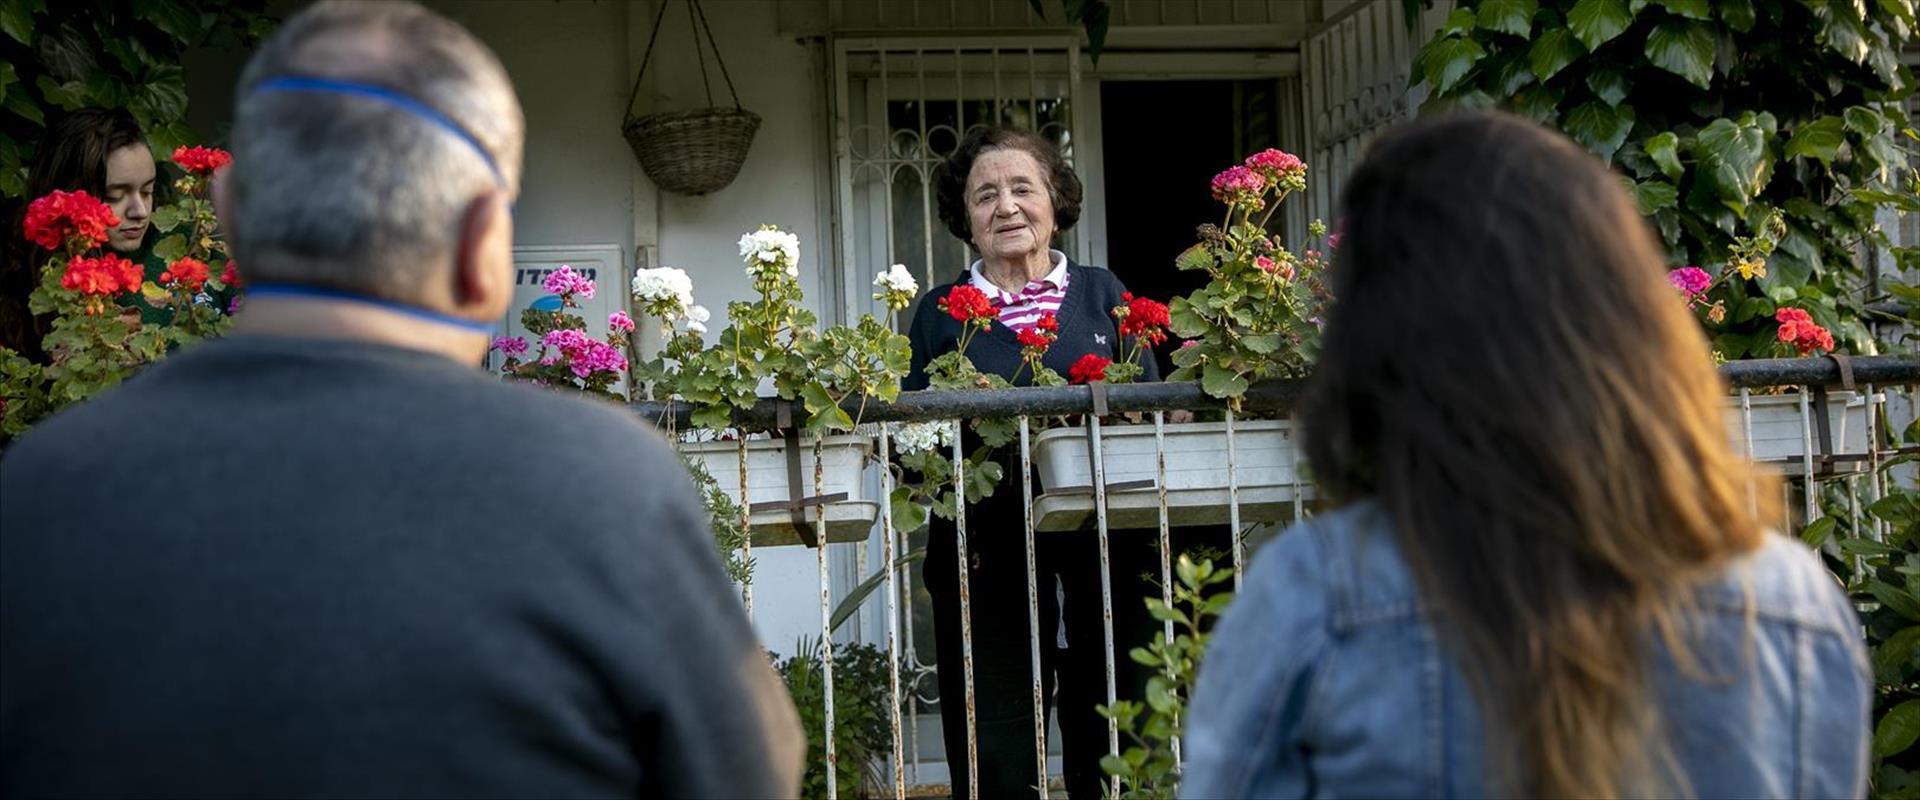 ביקור סבתא